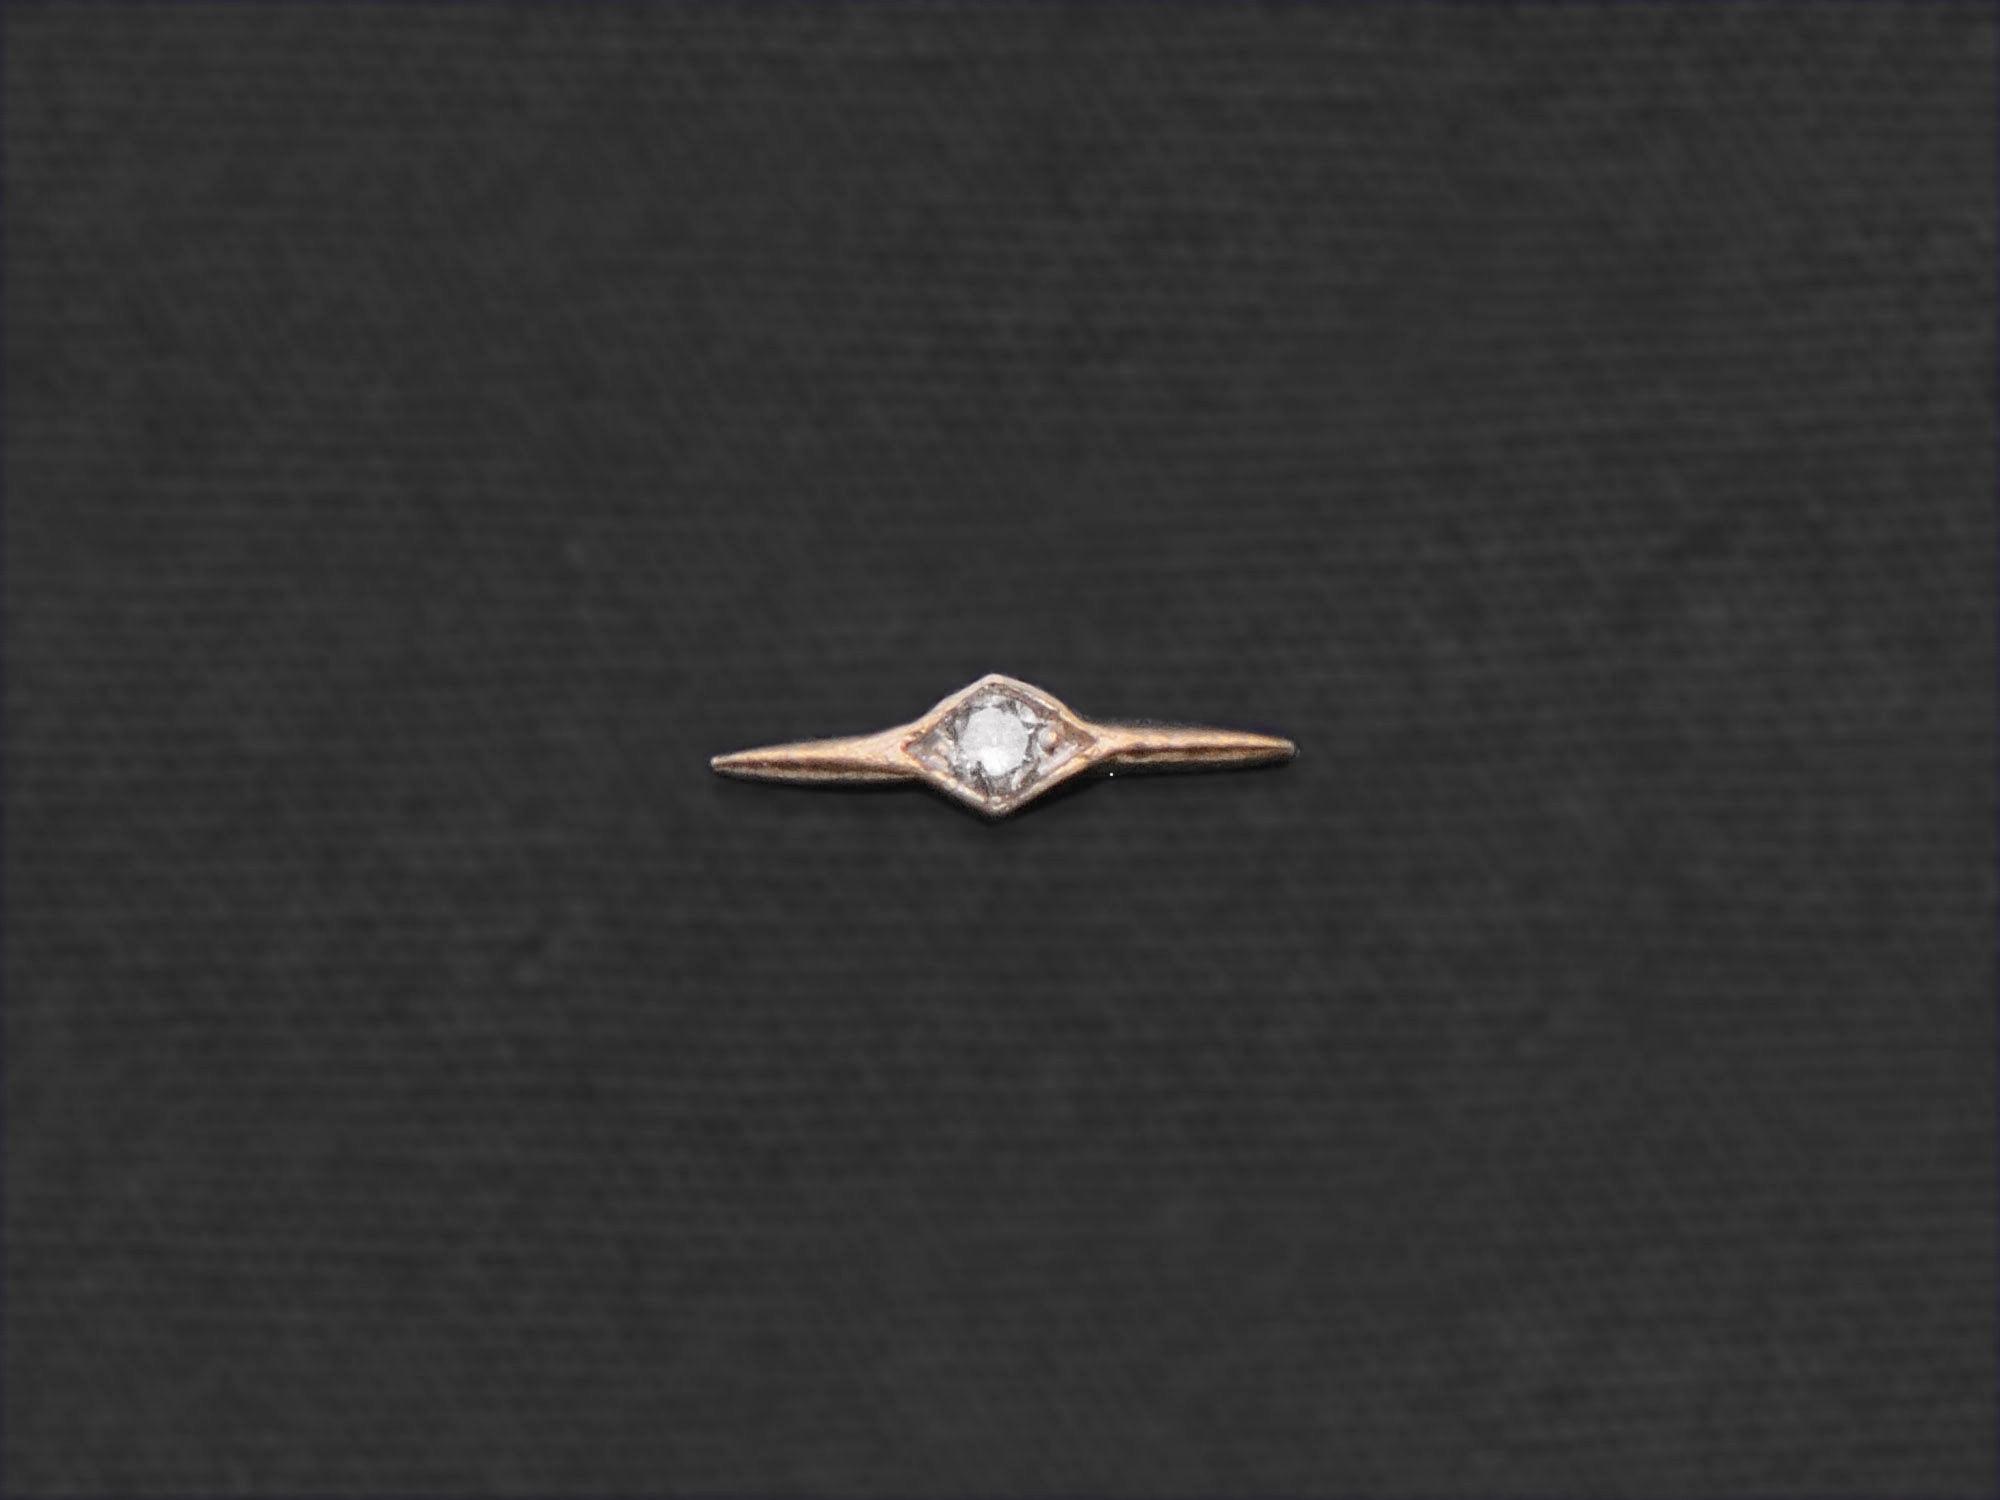 Comet diamond mini stud earring by Emmanuelle Zysman